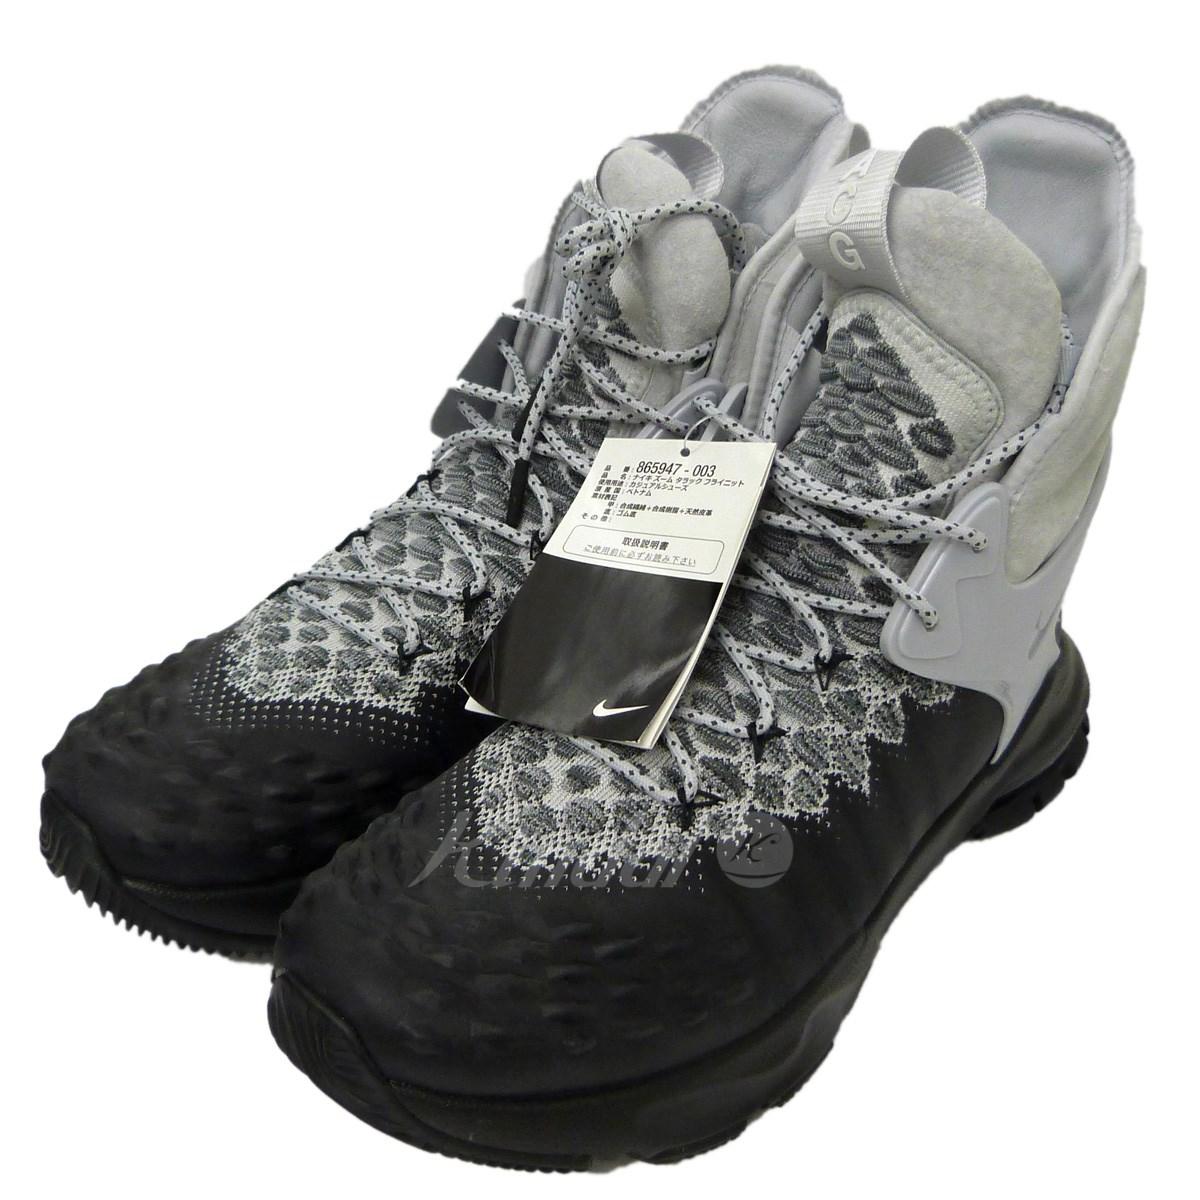 【中古】NikeLab ACG 「ZOOM TALLAC FLYKNIT」スニーカー ブラック×ホワイト サイズ:28cm 【送料無料】 【280718】(ナイキラボ エーシージー)